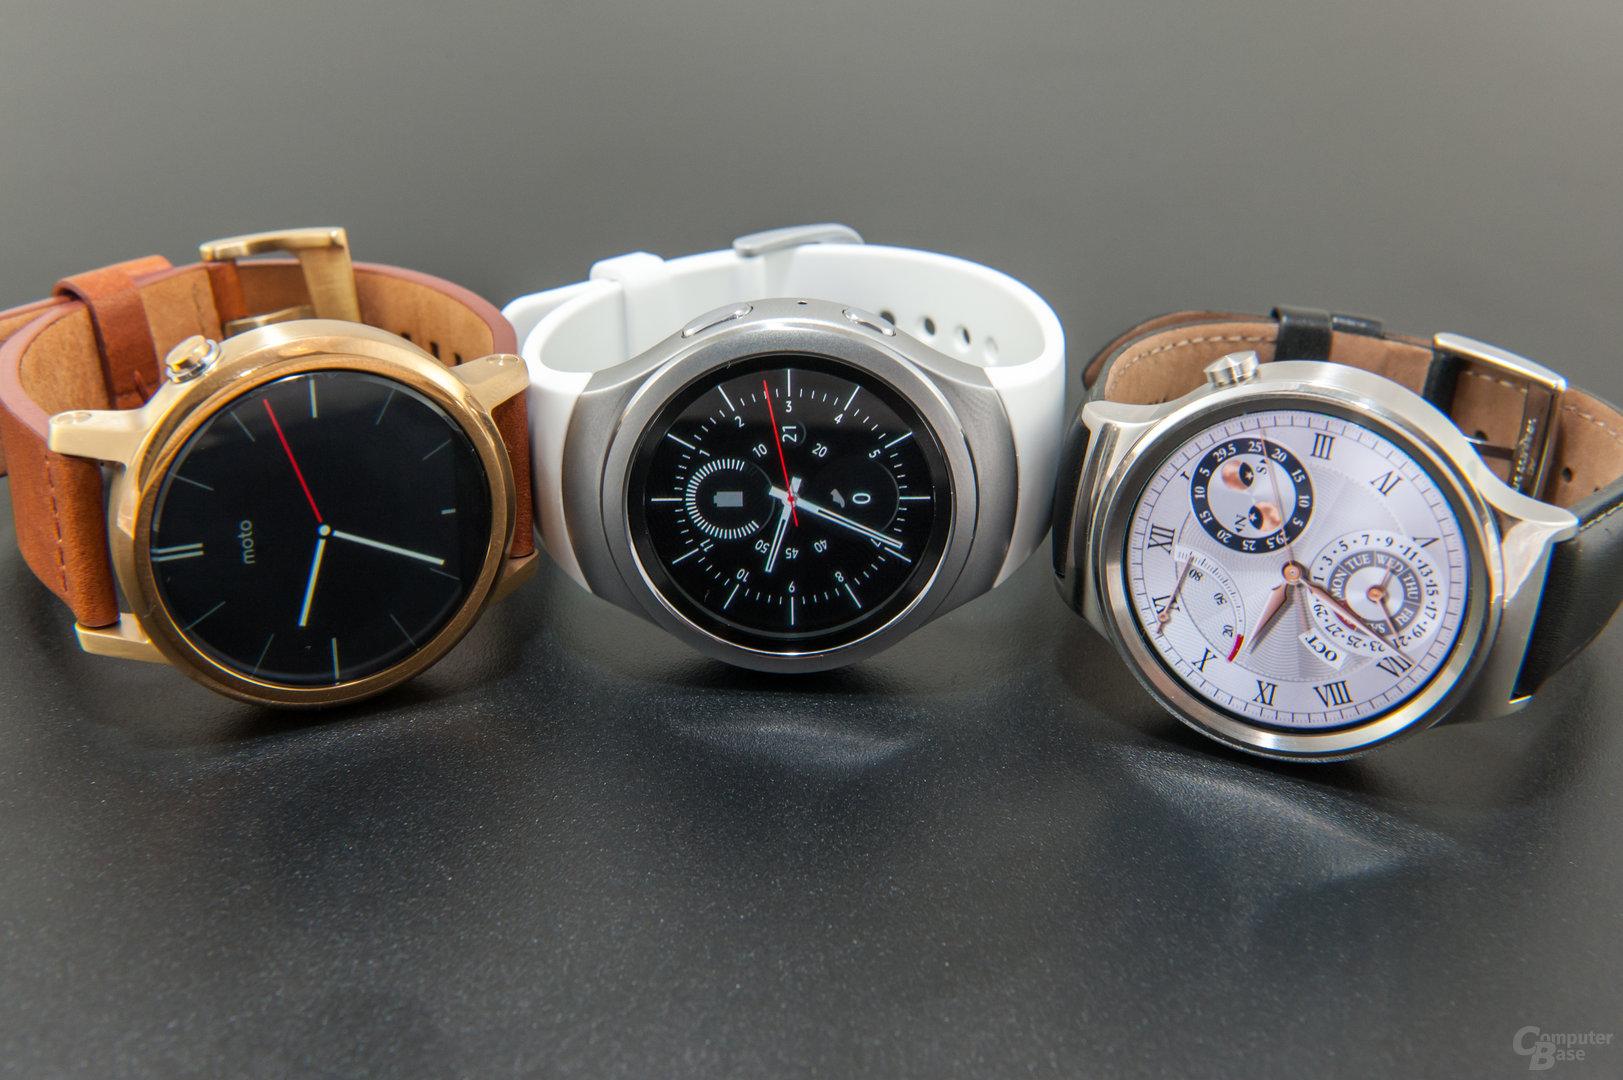 runde smartwatches im test gear s2 gegen huawei watch. Black Bedroom Furniture Sets. Home Design Ideas